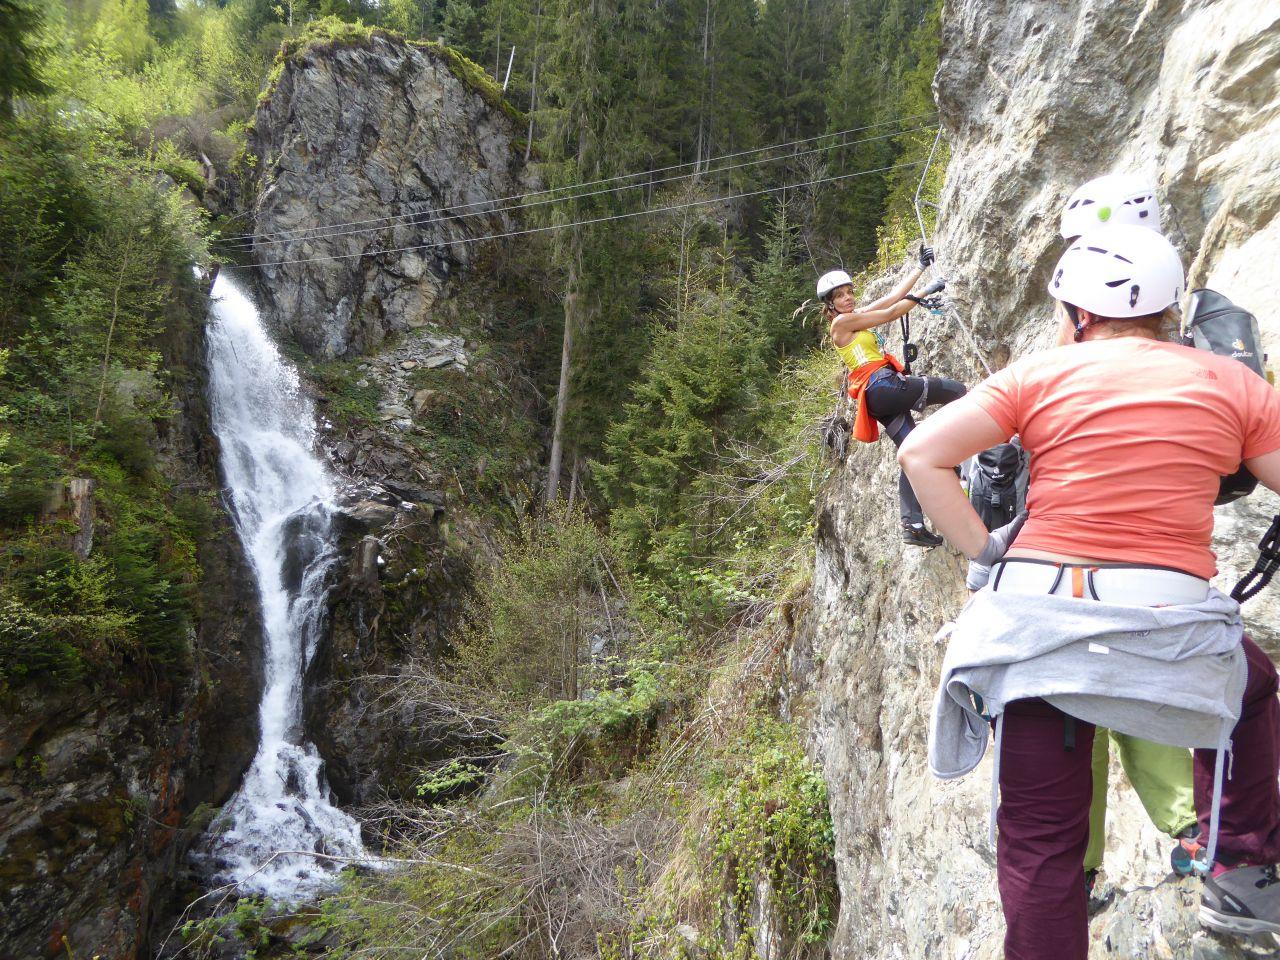 Klettersteig Zell Am See : Klettersteig reintaler see und talbach zell am ziller 22.4.2017